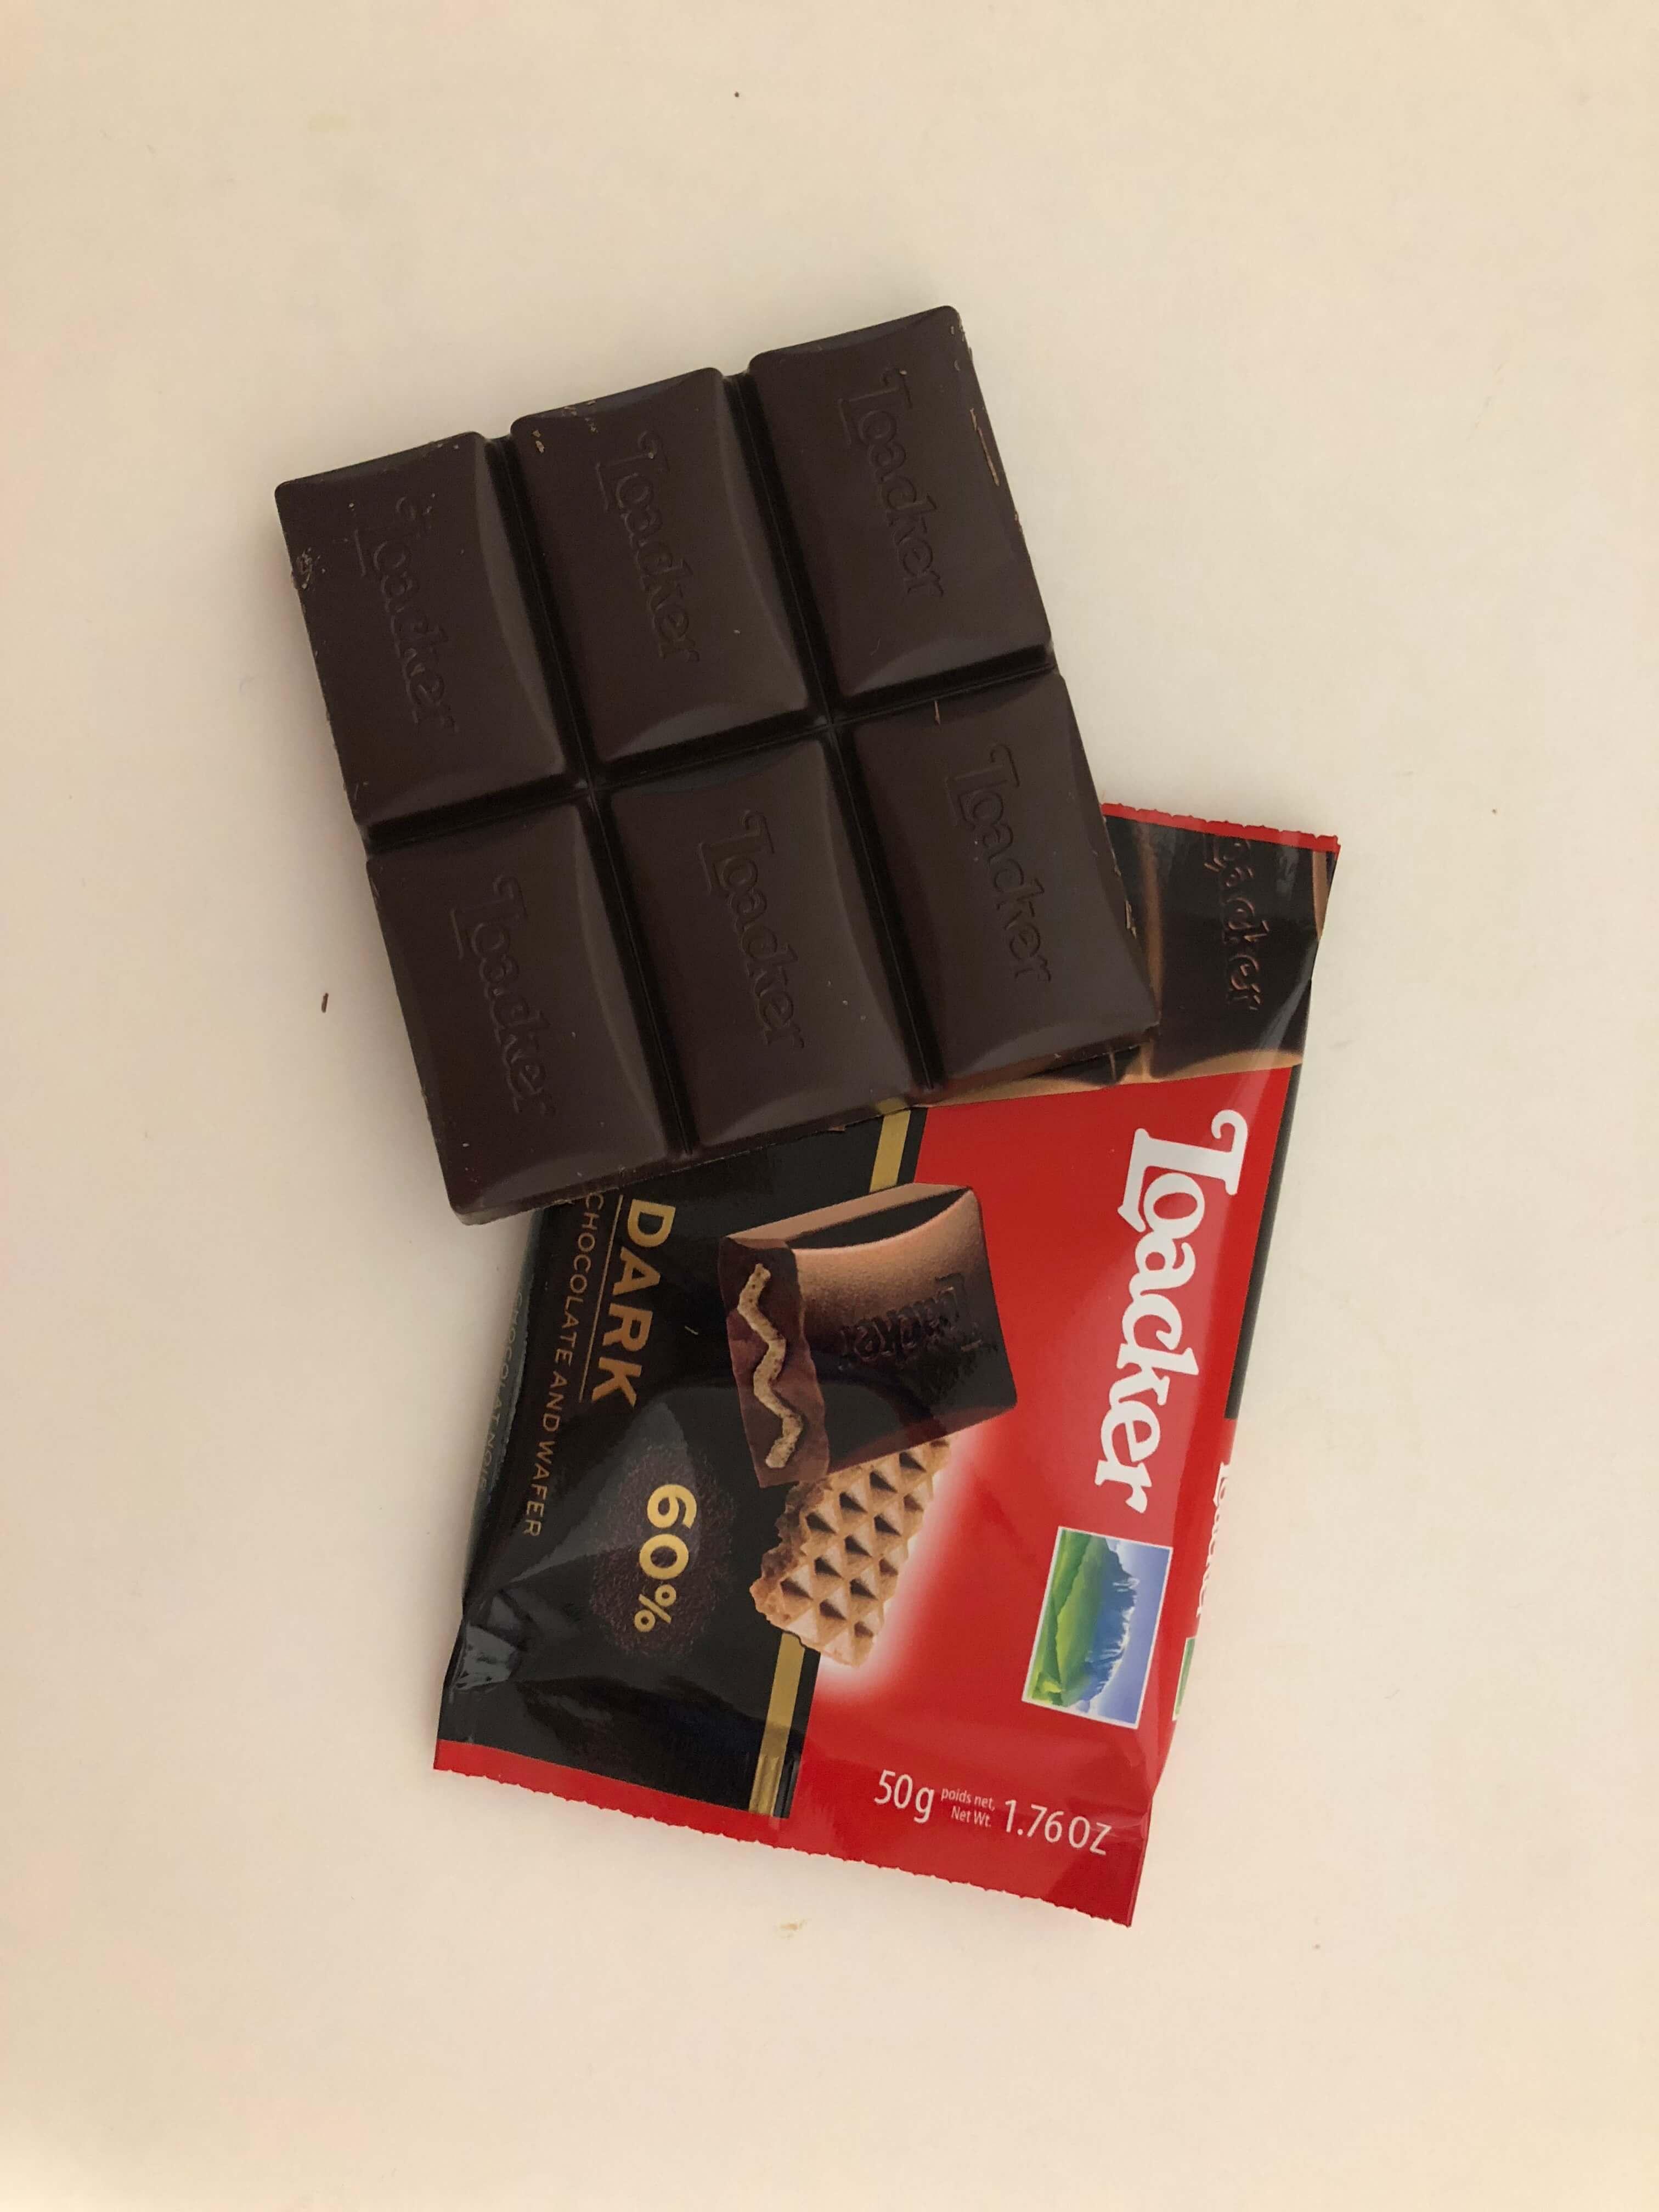 ローカーチョコレートのダークが甘さ控えめで美味しい。